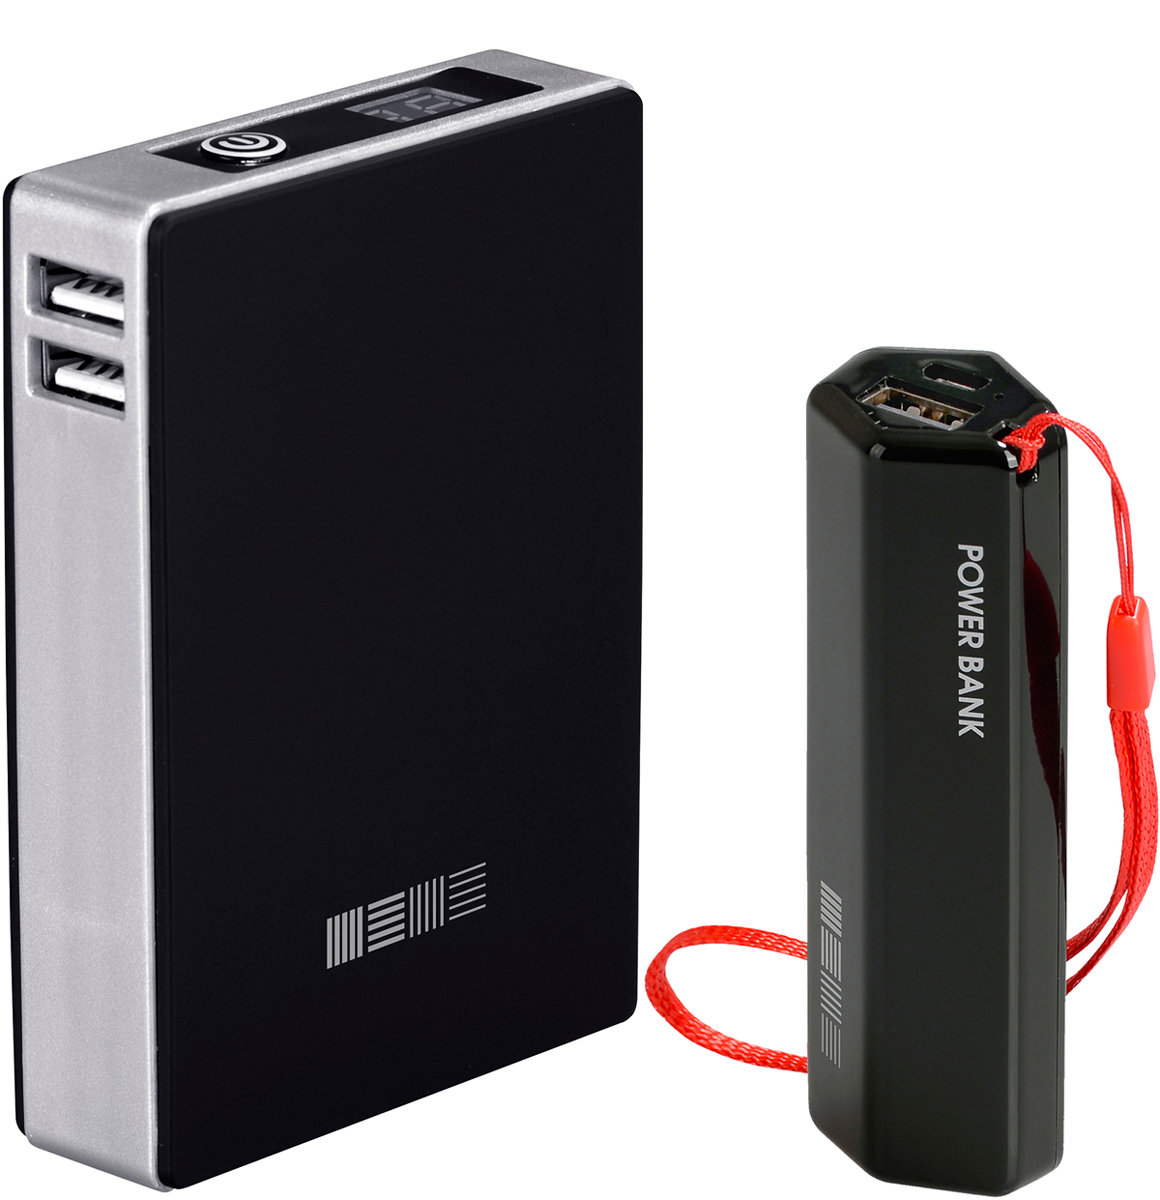 Interstep PB120002U (12000 мАч), Black + PB30001 (3000 мАч) комплект внешних аккумуляторов46956Soft touch покрытие, ячейки ULTRA 4 x 3000 мАч компоновка, 2USB/1+2AСлим упаковка с окномДисплей с точным отображением % заряда Вес 250 грДоп функция - Сквозной заряд.